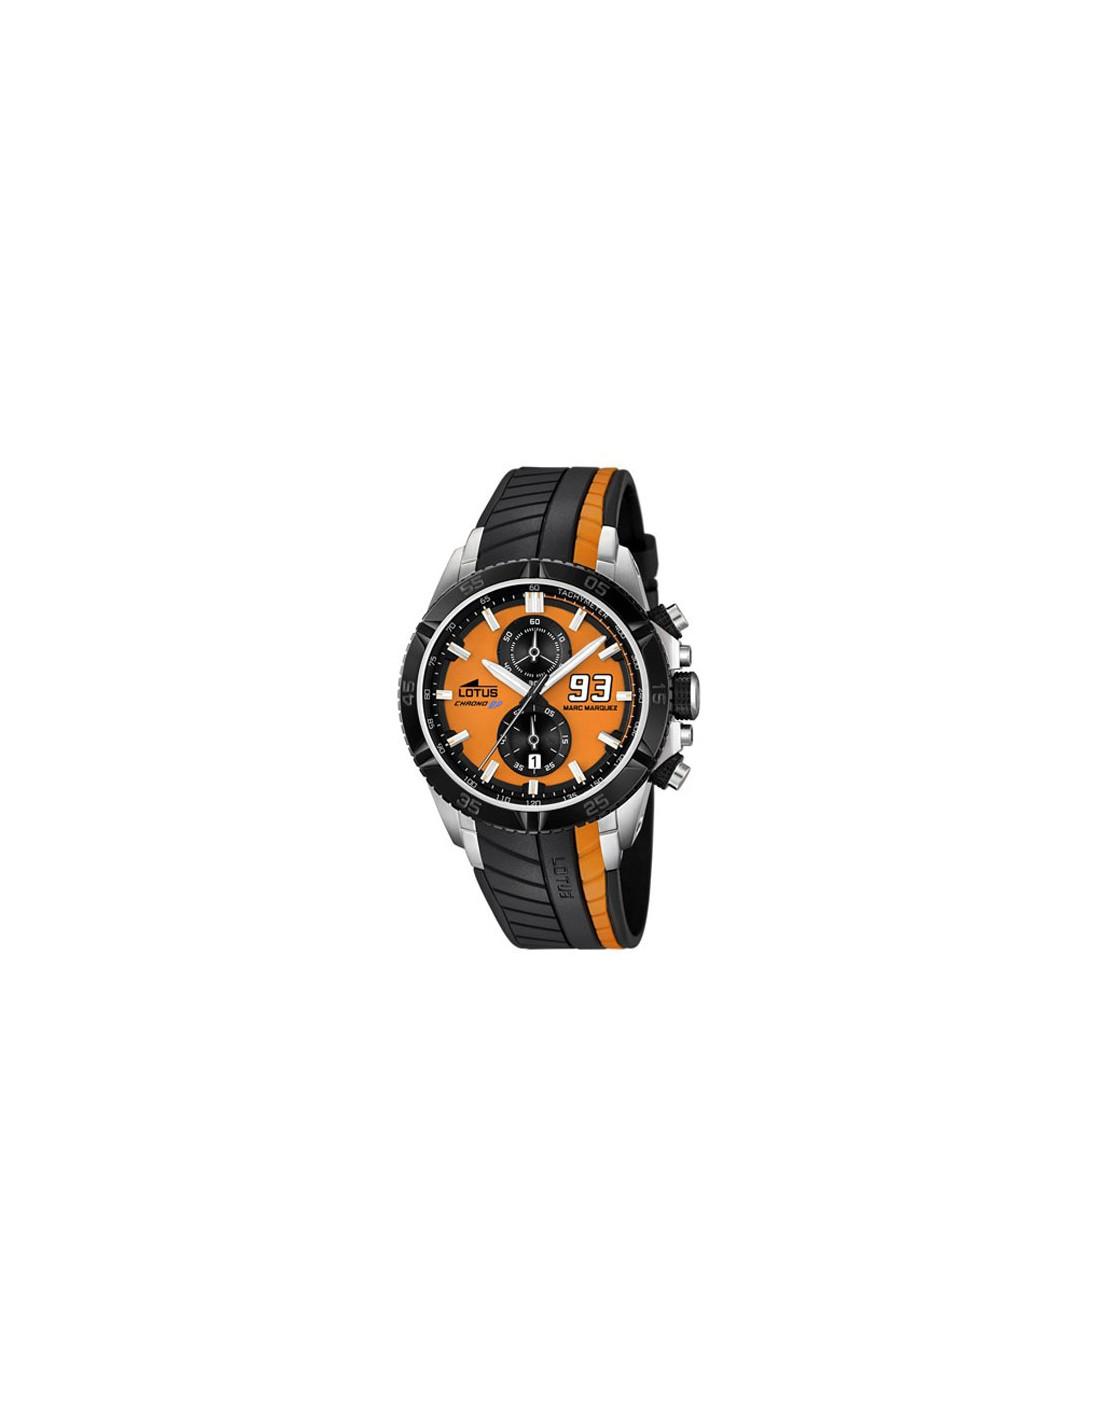 b8c57a2e050c Reloj Lotus Marc Márquez L18103 1